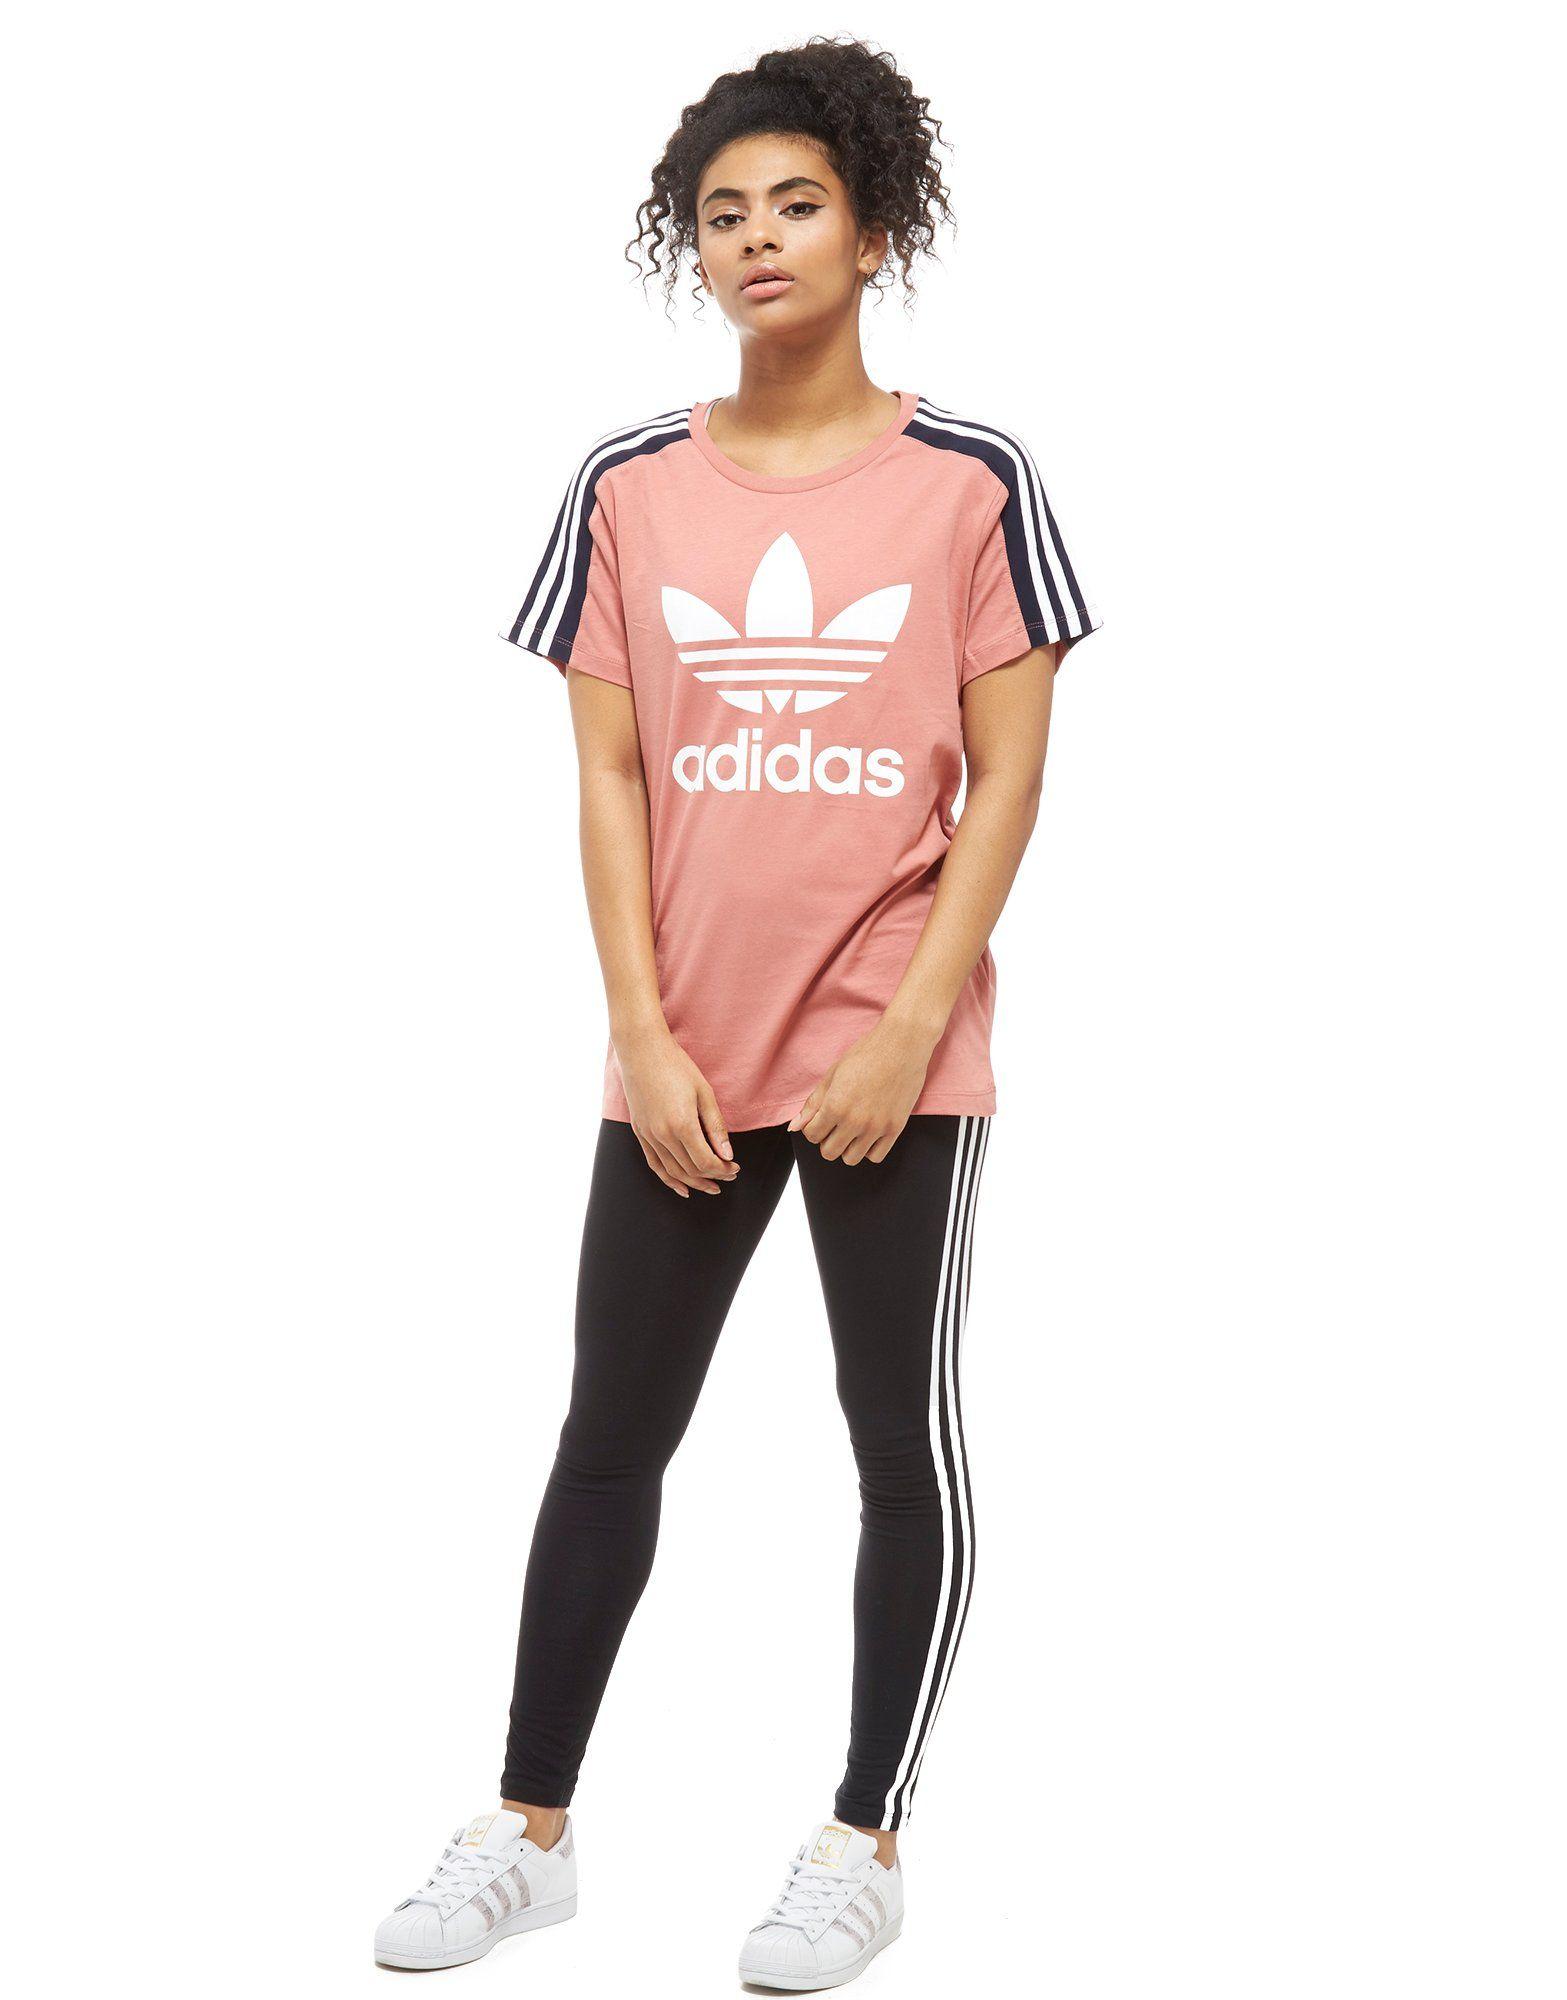 adidas Originals 3-Stripes Panel T-Shirt Pink-Marineblau Pink Verschleißfestigkeit Günstiger Preis Auslass Verkauf Günstig Kaufen Countdown-Paket Perfekt Günstig Online ClCouU